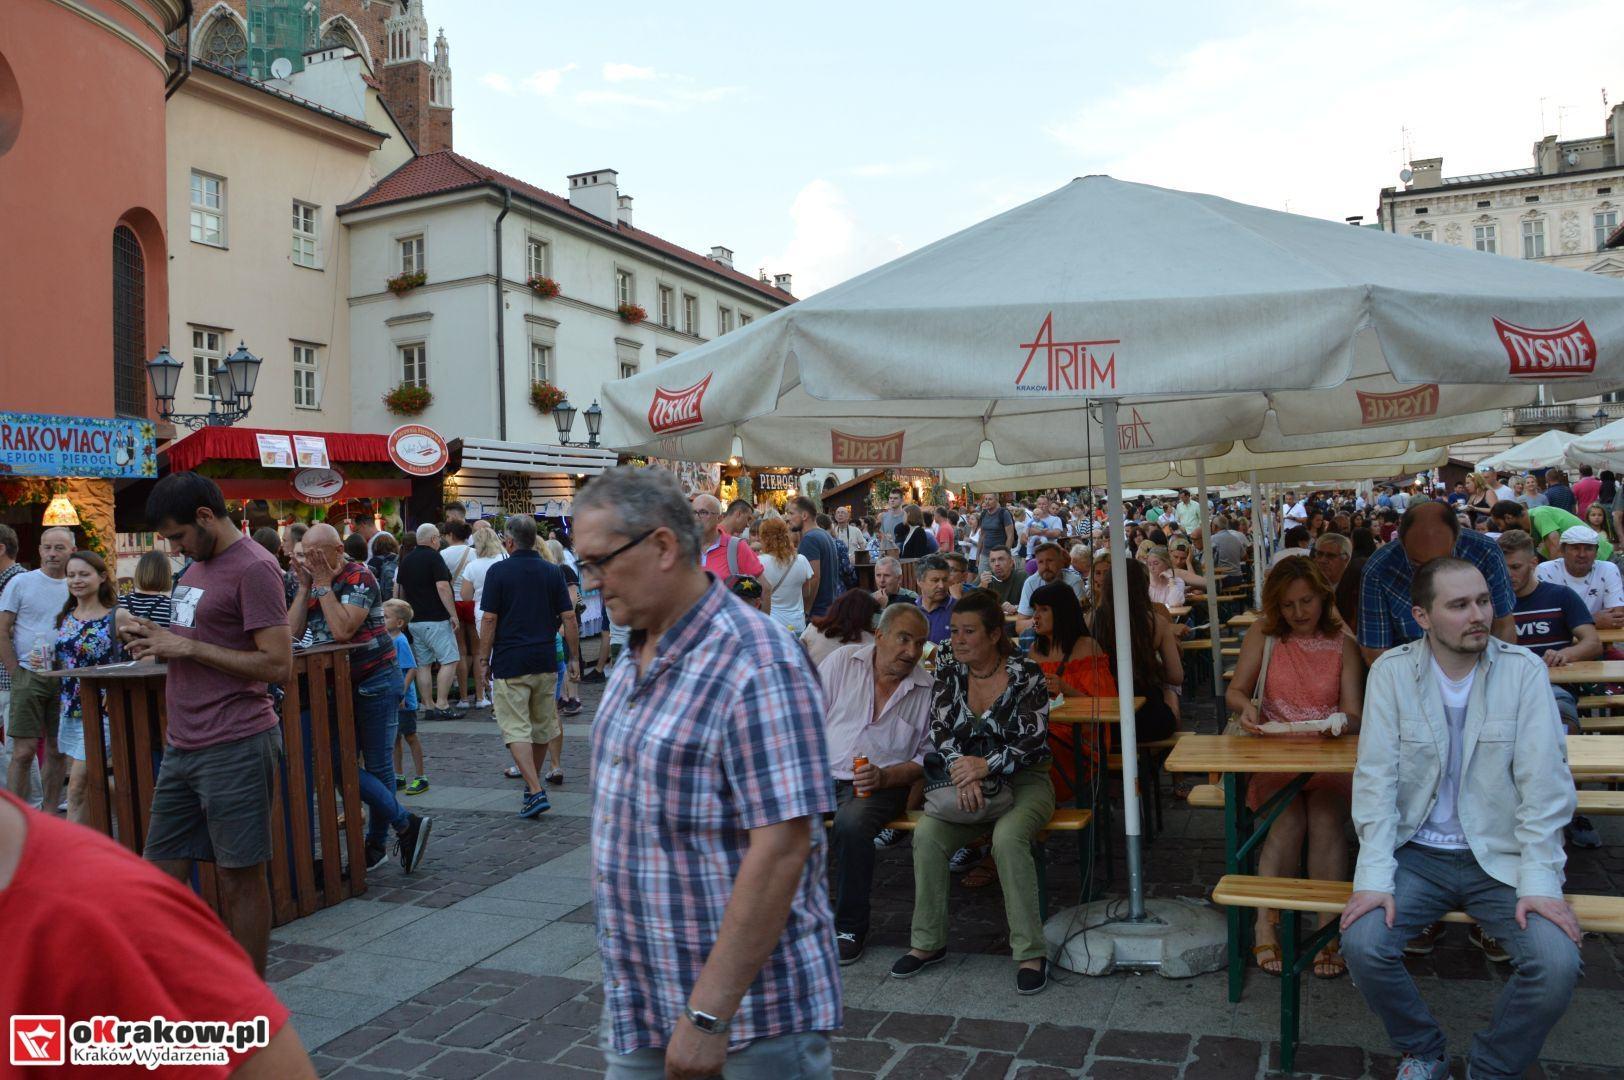 krakow festiwal pierogow maly rynek koncert cheap tobacco 121 150x150 - Galeria zdjęć Festiwal Pierogów Kraków 2018 + zdjęcia z koncertu Cheap Tobacco